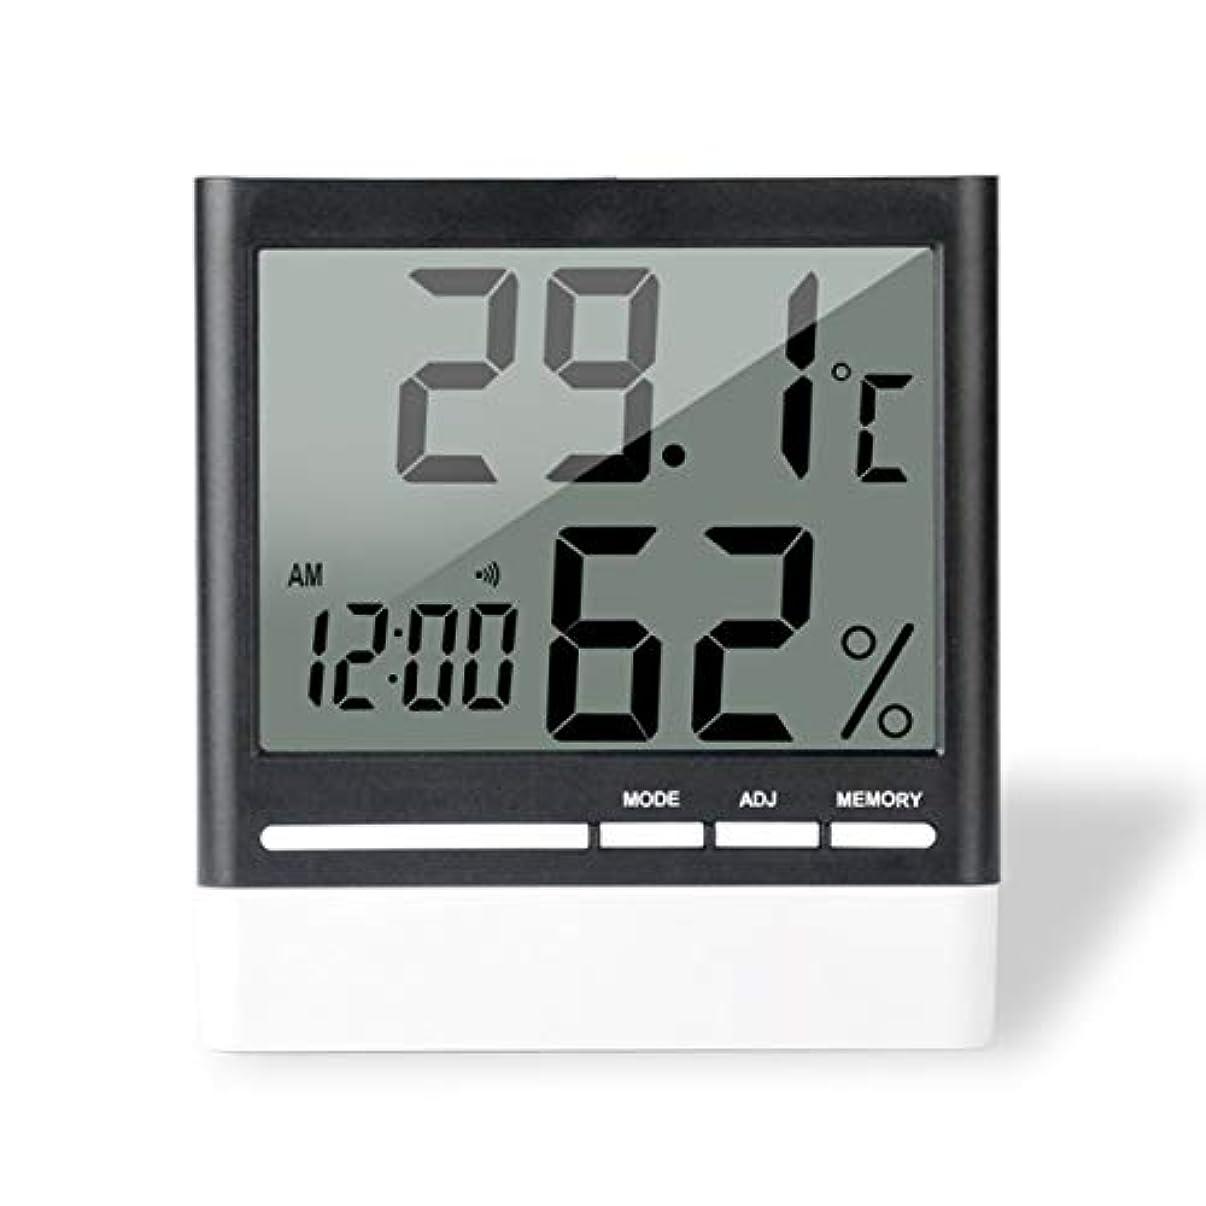 注目すべきどんよりした預言者Saikogoods 電子体温計湿度計 デジタルディスプレイ 温度湿度モニター アラーム時計 屋内家庭用 ブラック